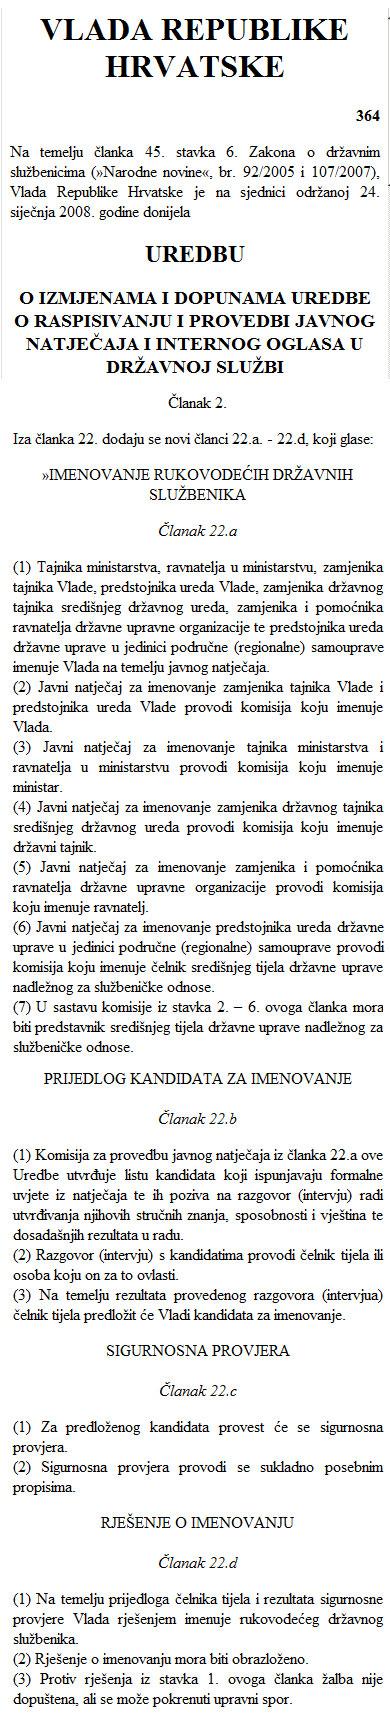 ruksluz_uredba390